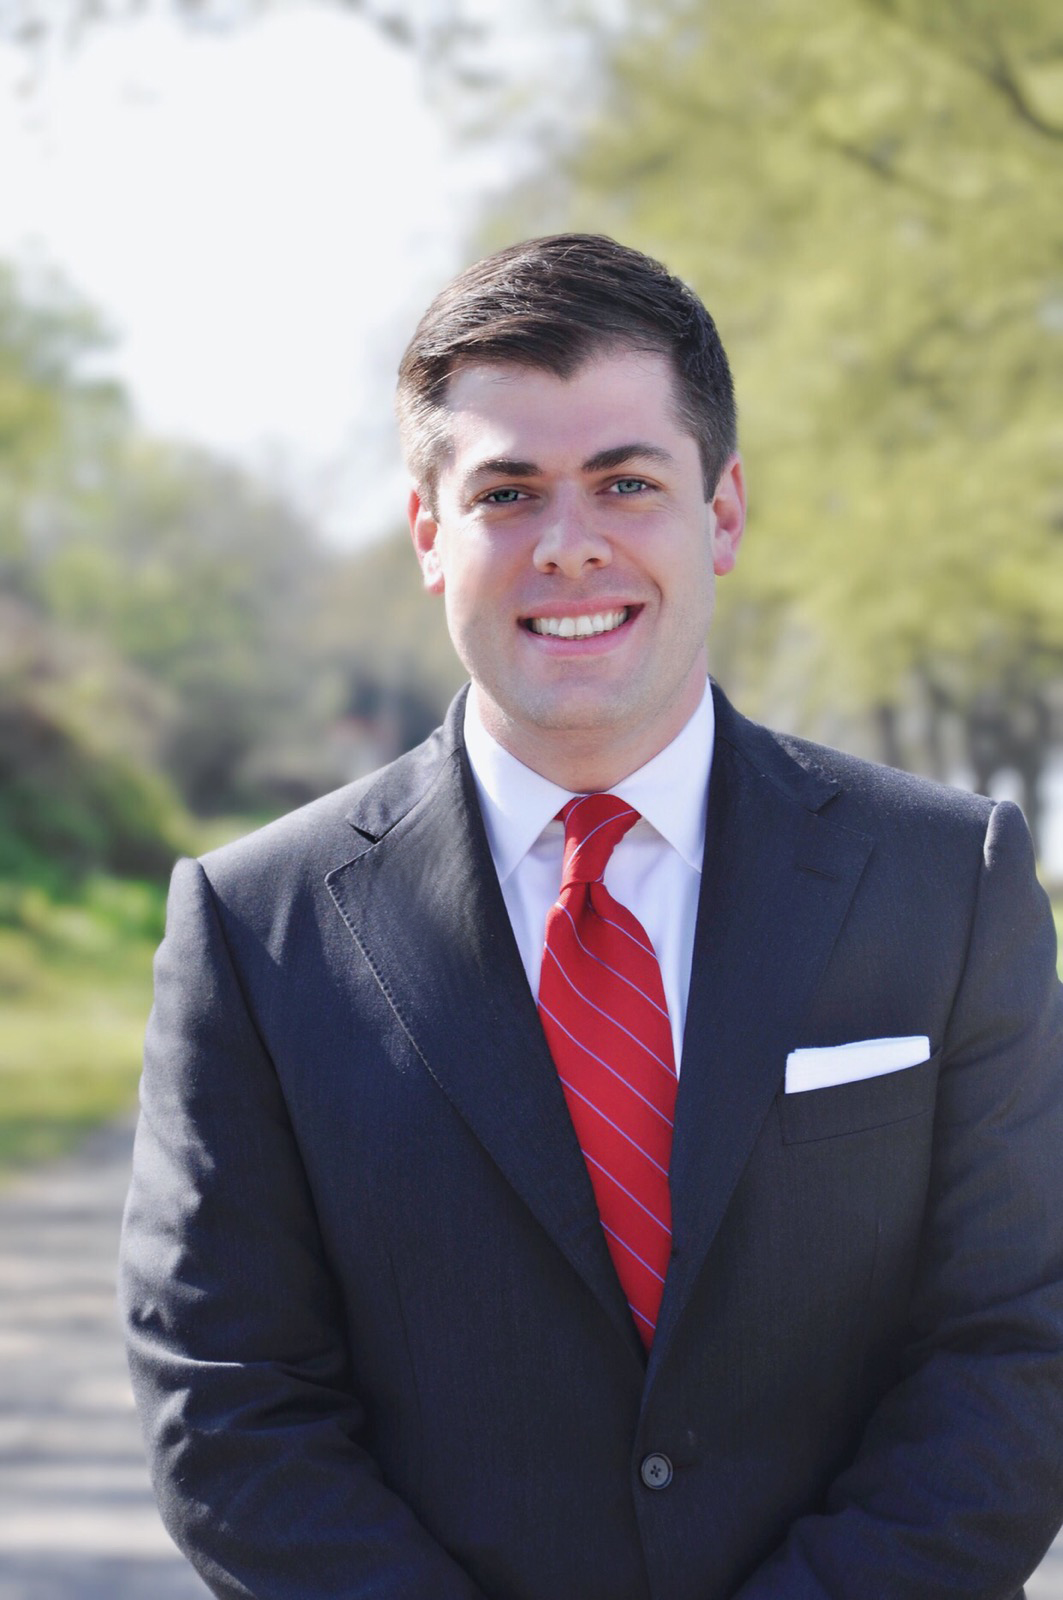 Stefan K. McBride - Attorney At Law